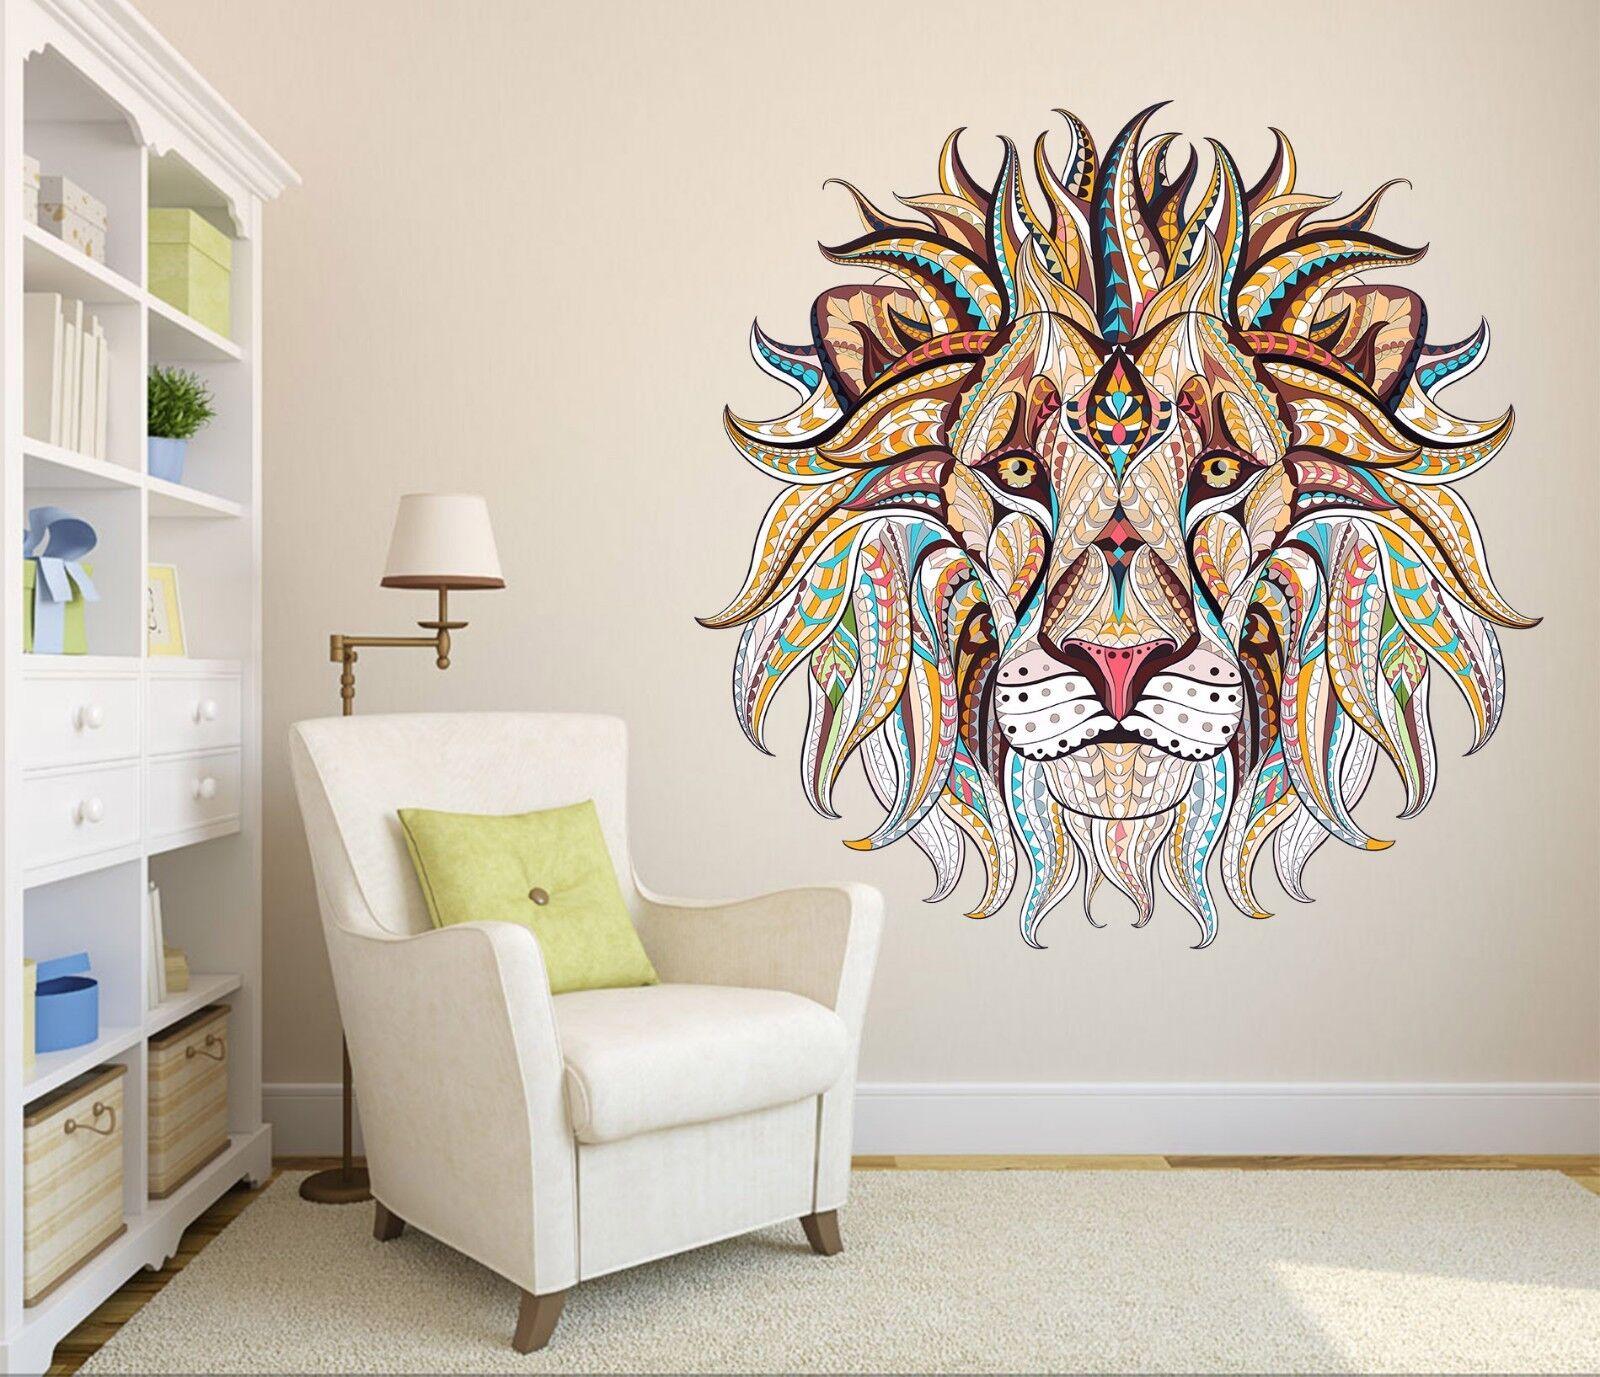 3D Abstract Lion Paint 4 Wallpaper Mural Floor Wall Print Decal Wall Sticker UK